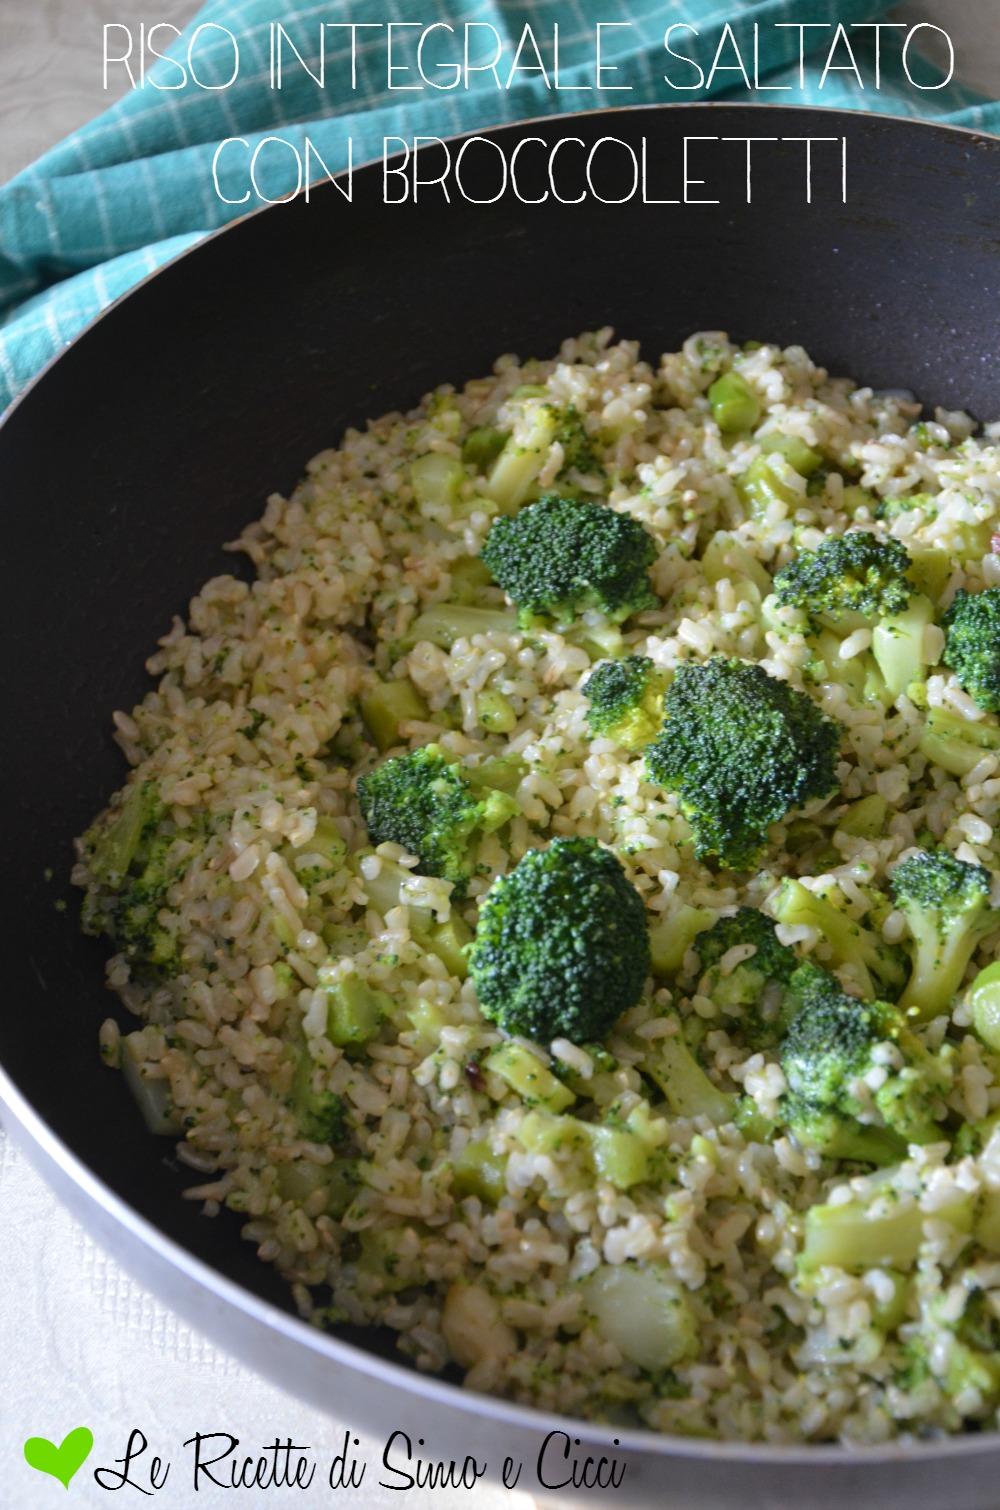 Riso integrale saltato con broccoletti